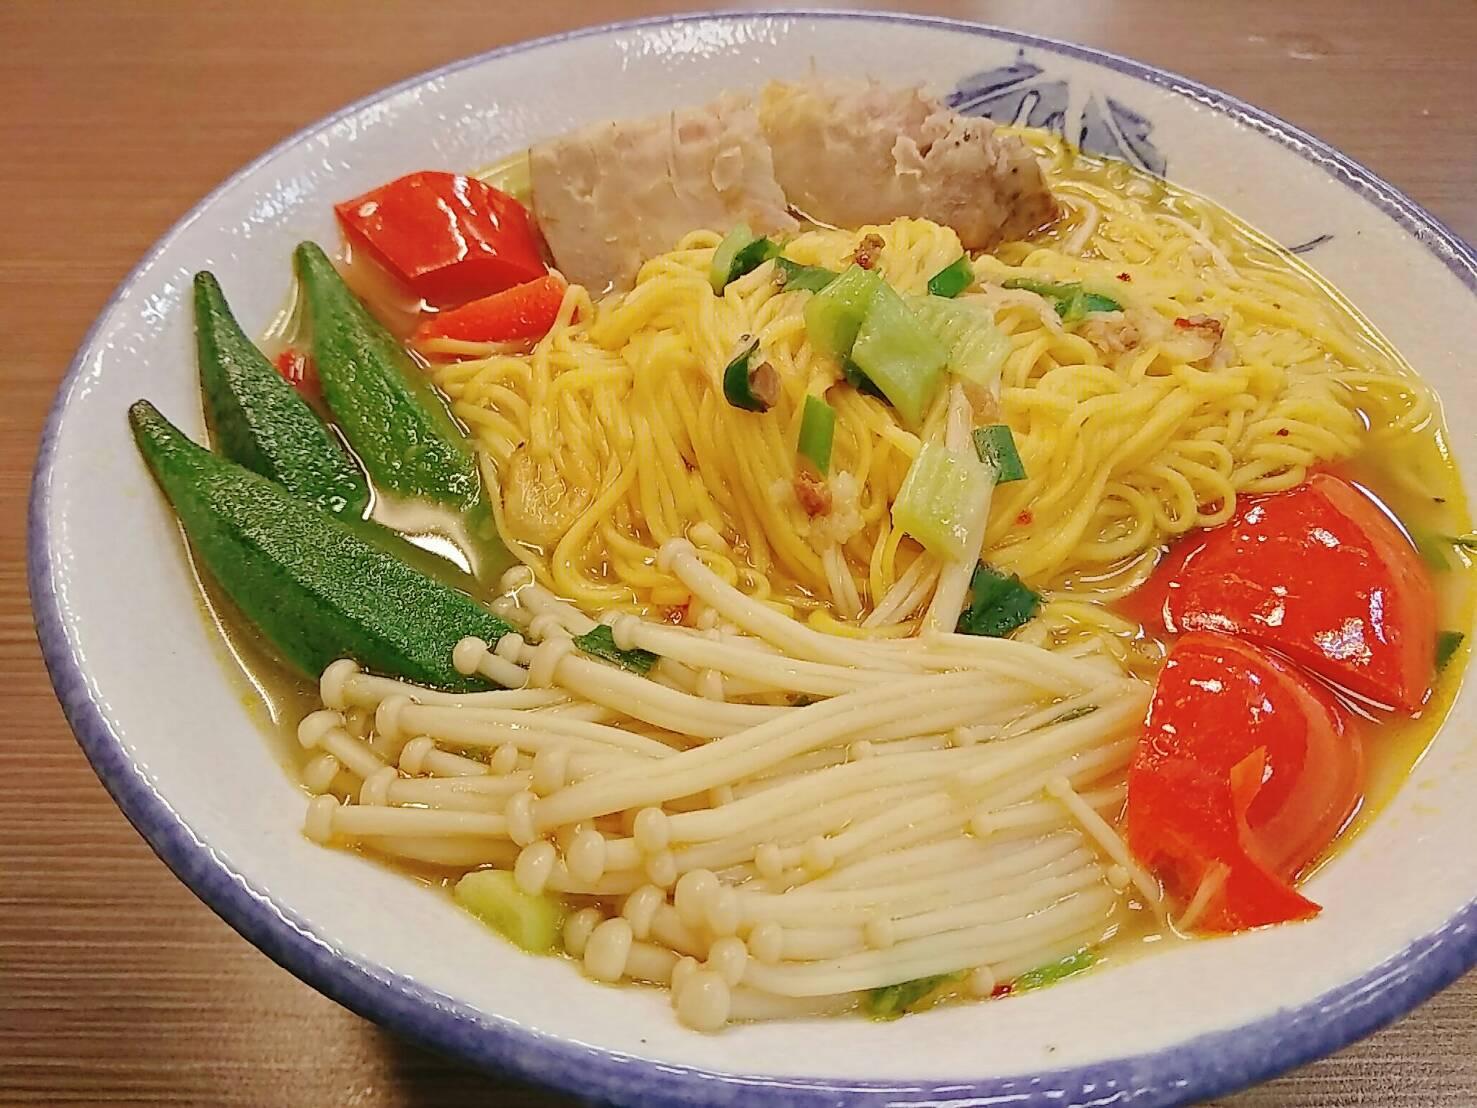 薑黃麵線料理食譜- 野菜園薑黃麵線 - 1